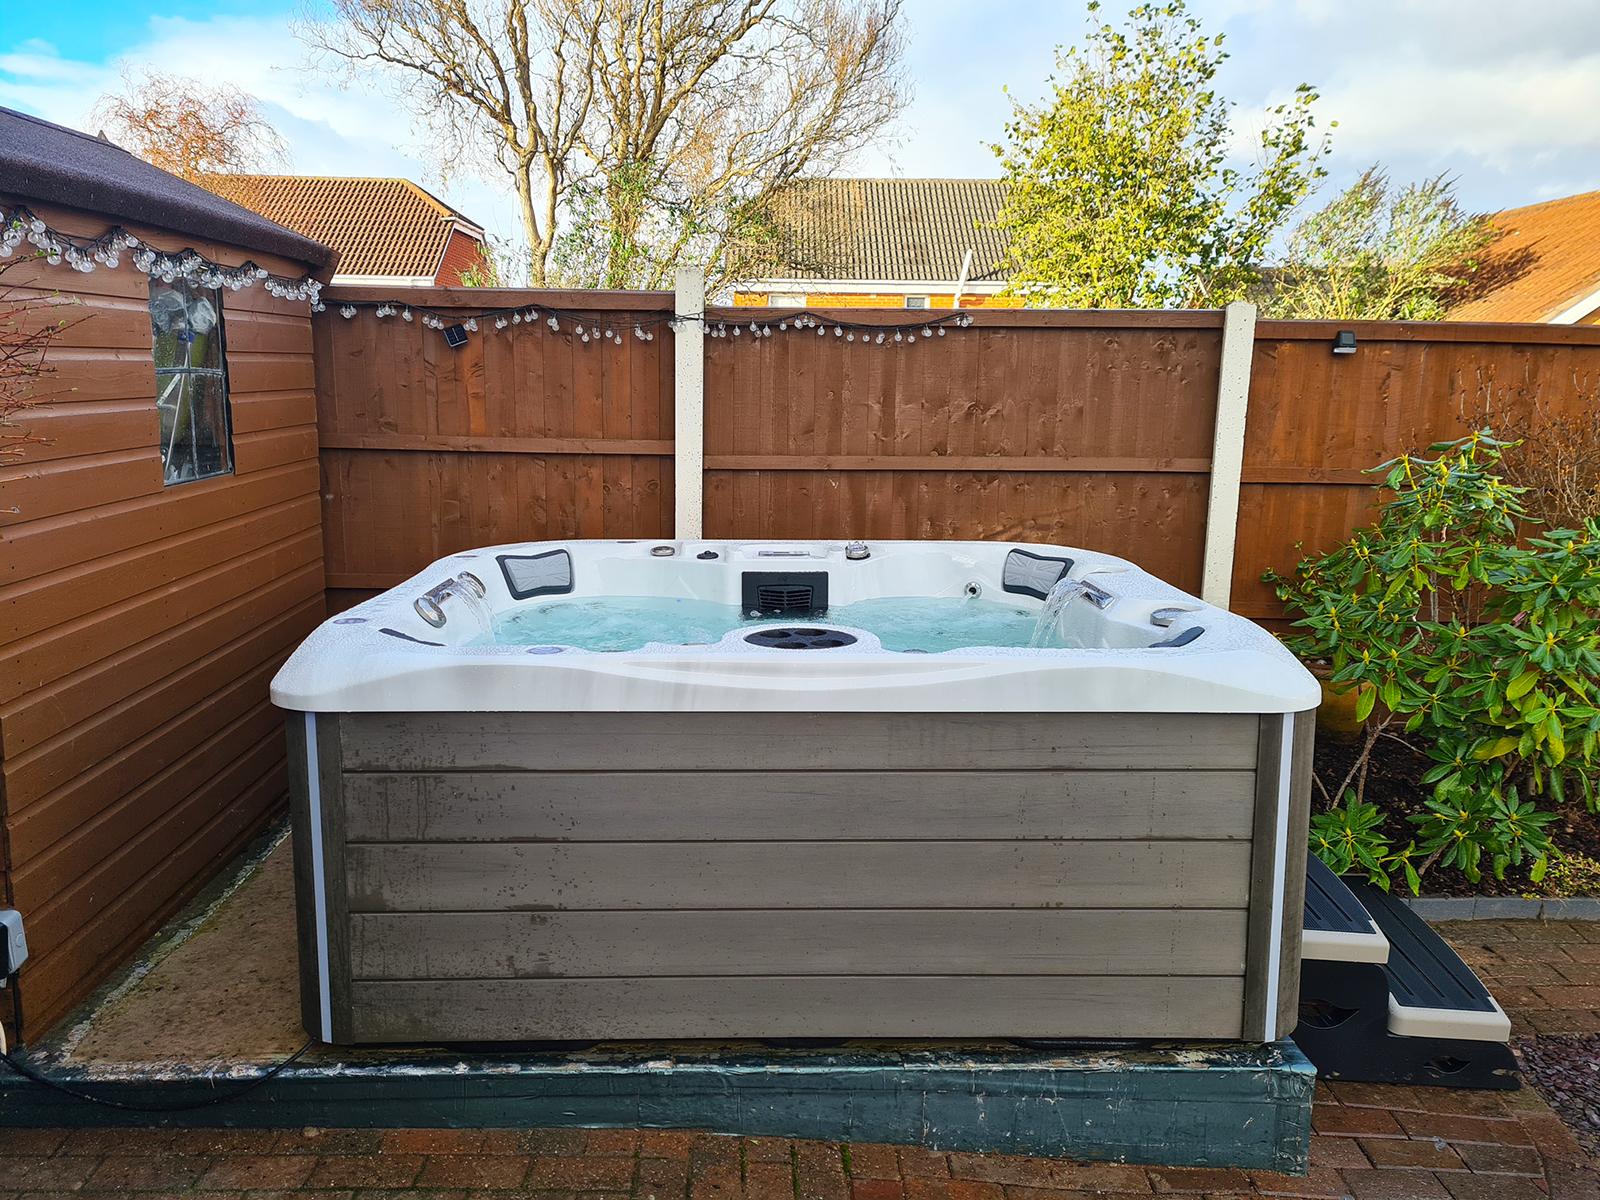 Westwood Hot Tub Installation